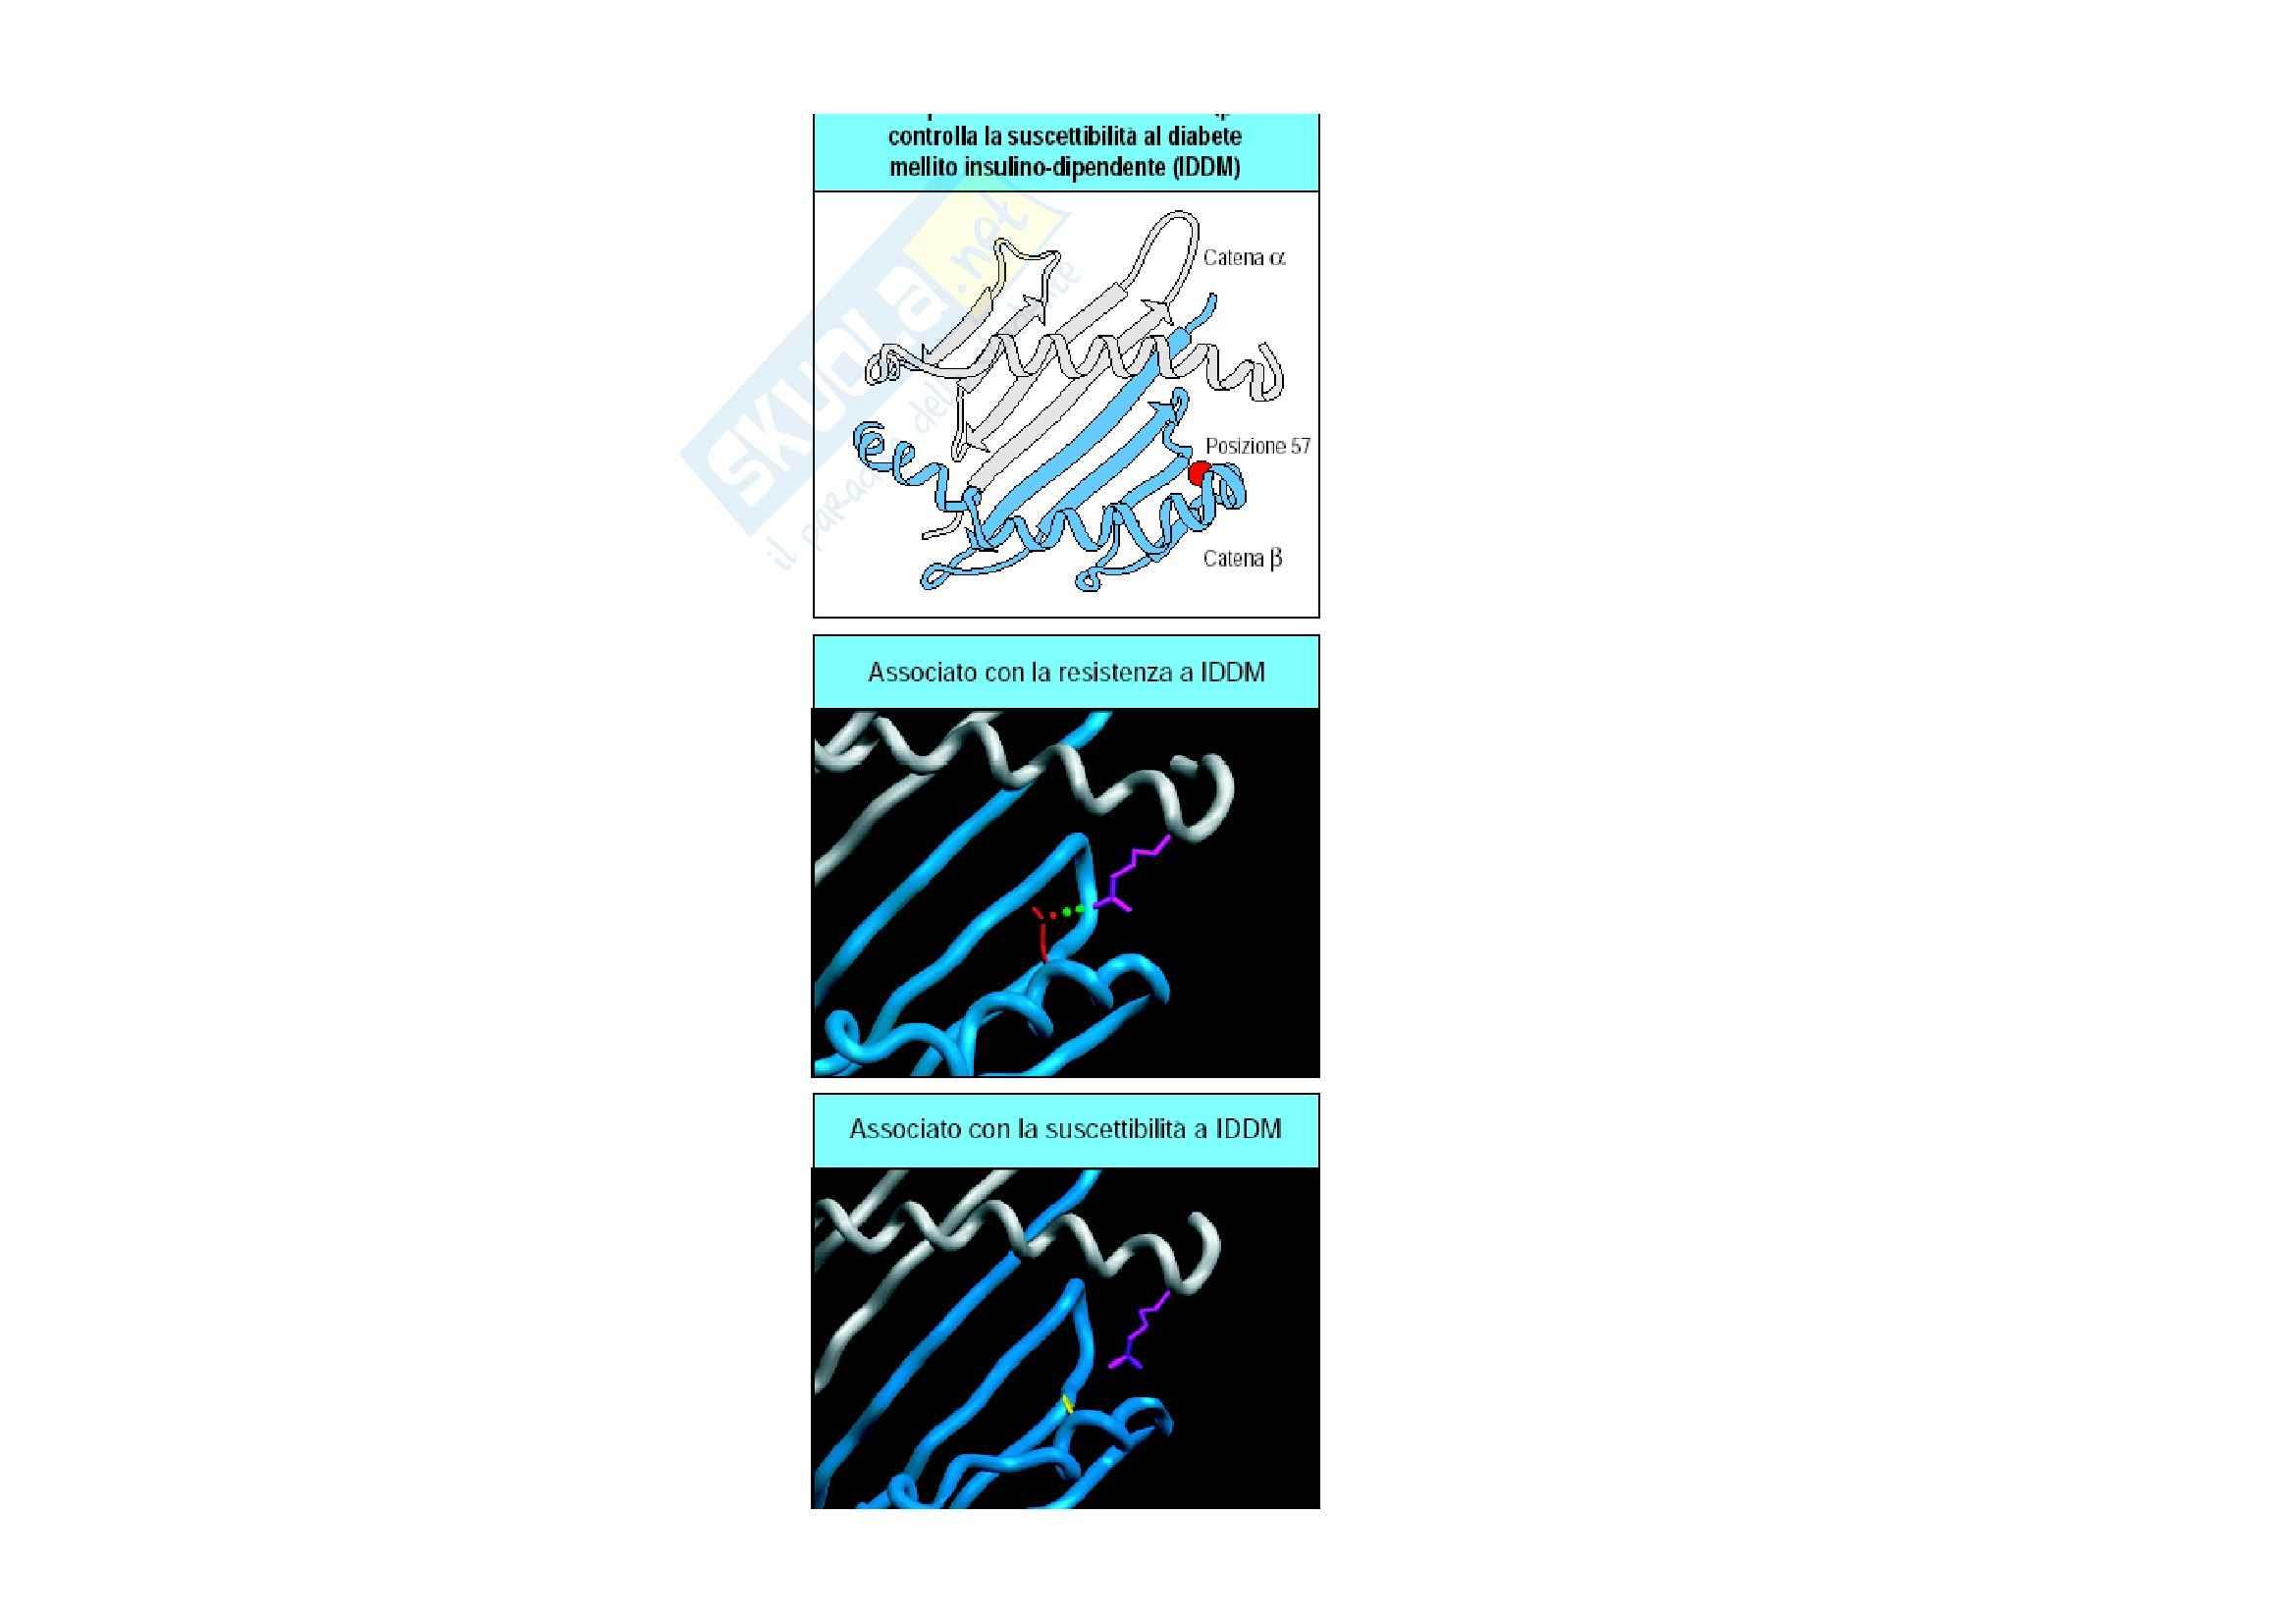 Immunologia - suscettibilità alle malattie autoimmuni Pag. 21